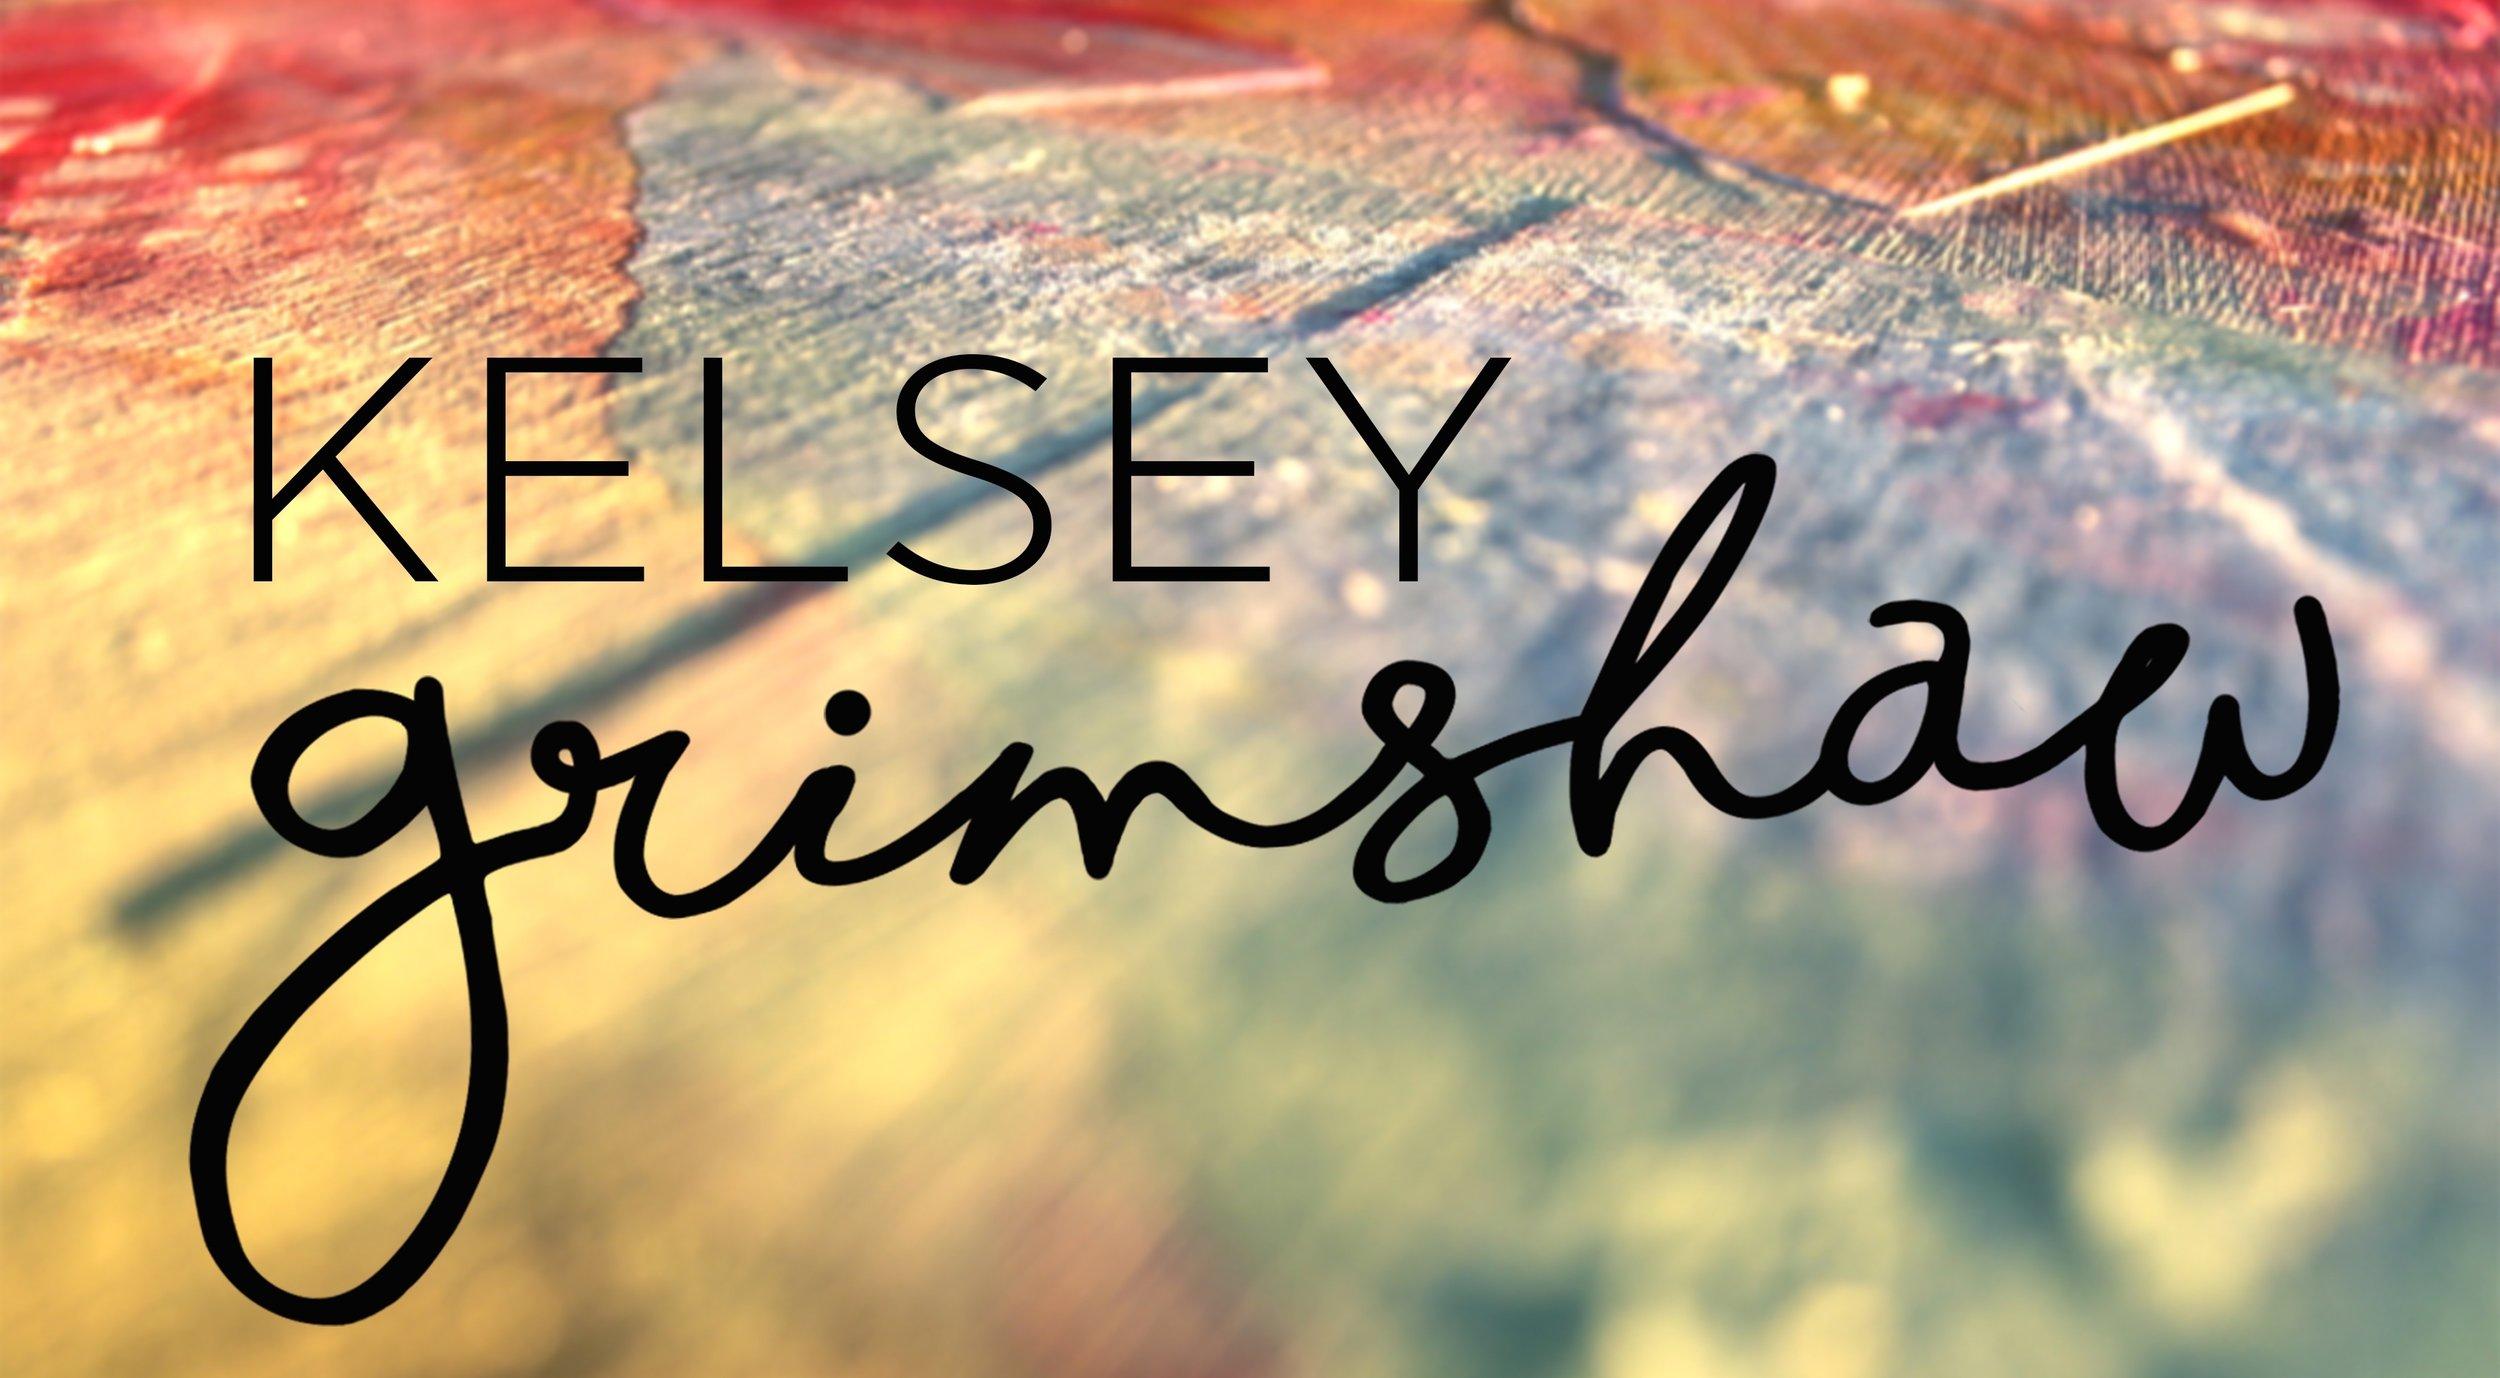 Kelsey Grimshaw image (1).jpg